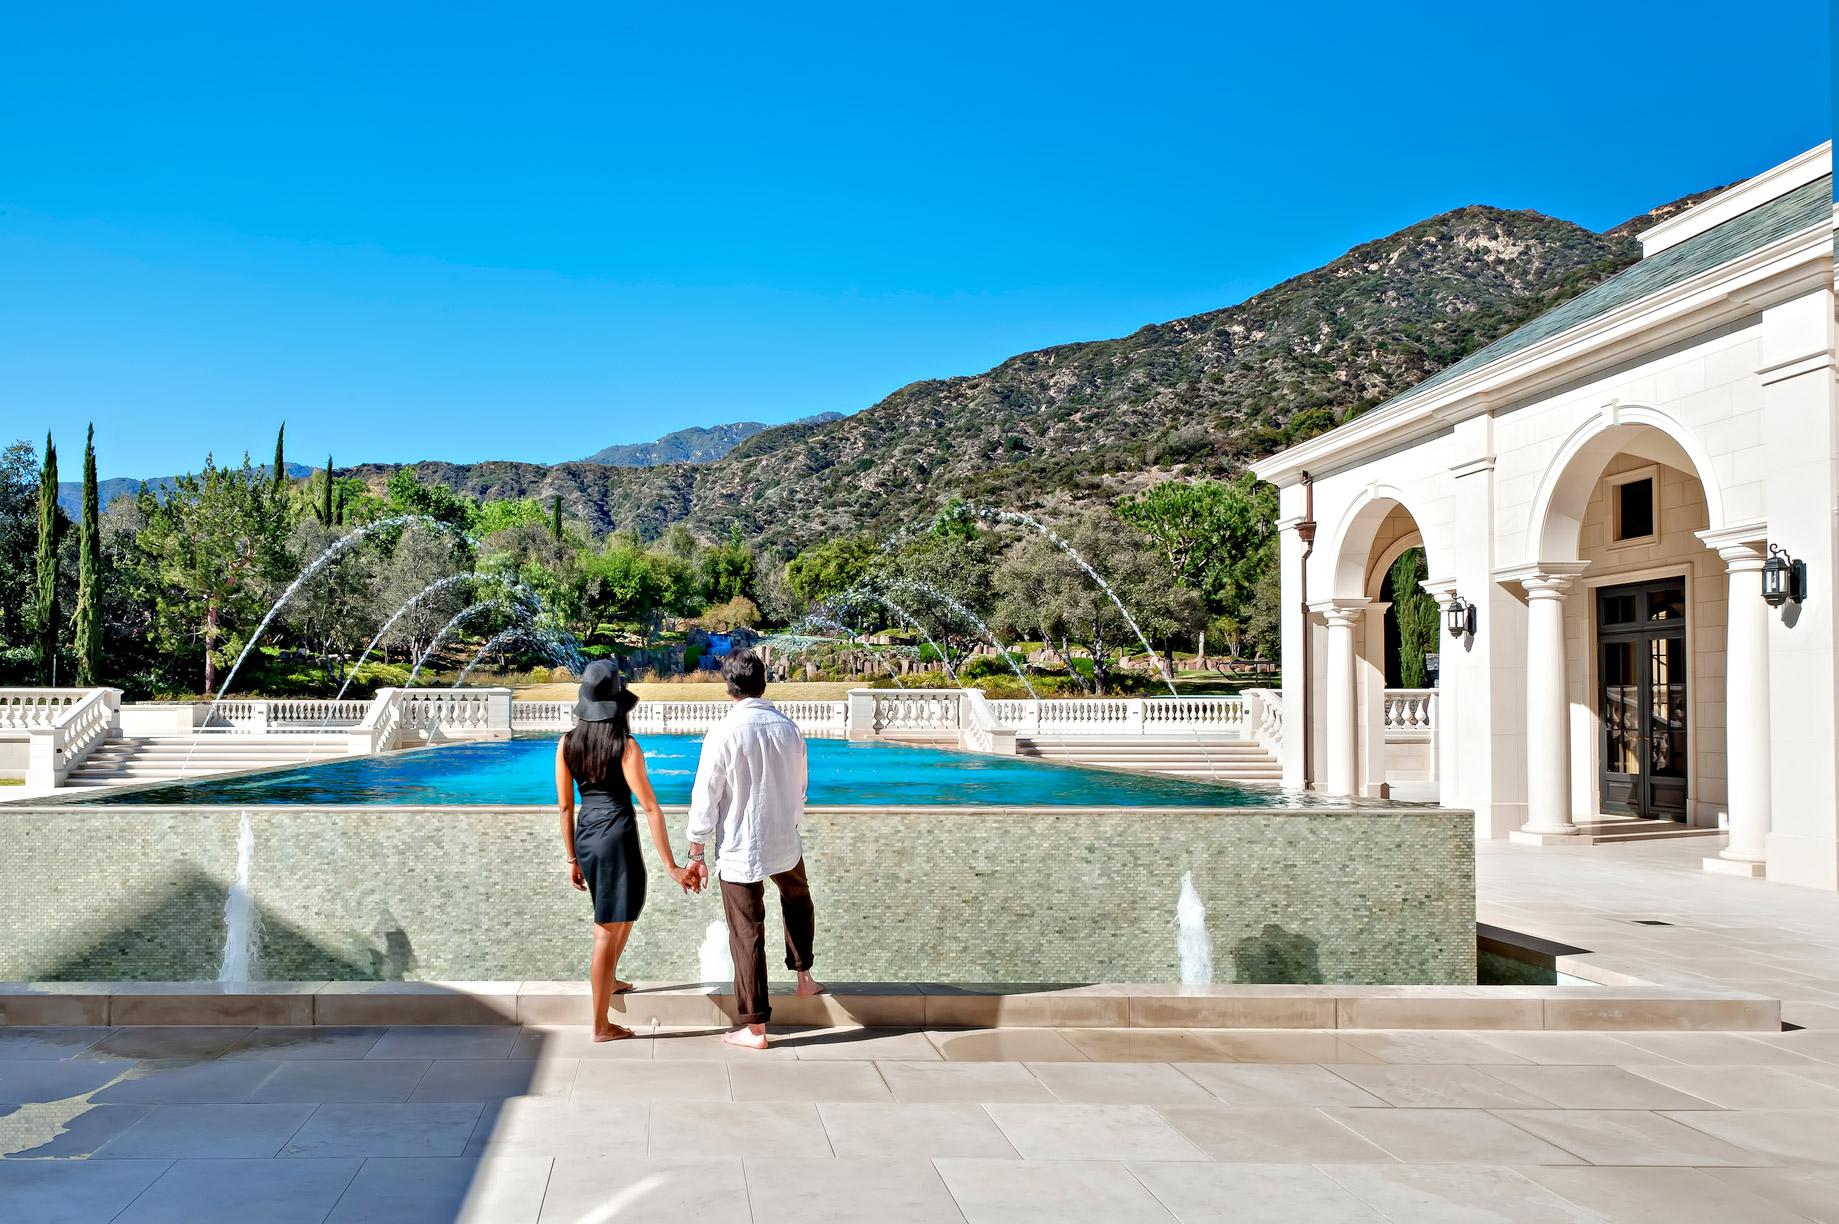 139 – Bradbury Estate – 172 Bliss Canyon Rd, Bradbury, CA, USA